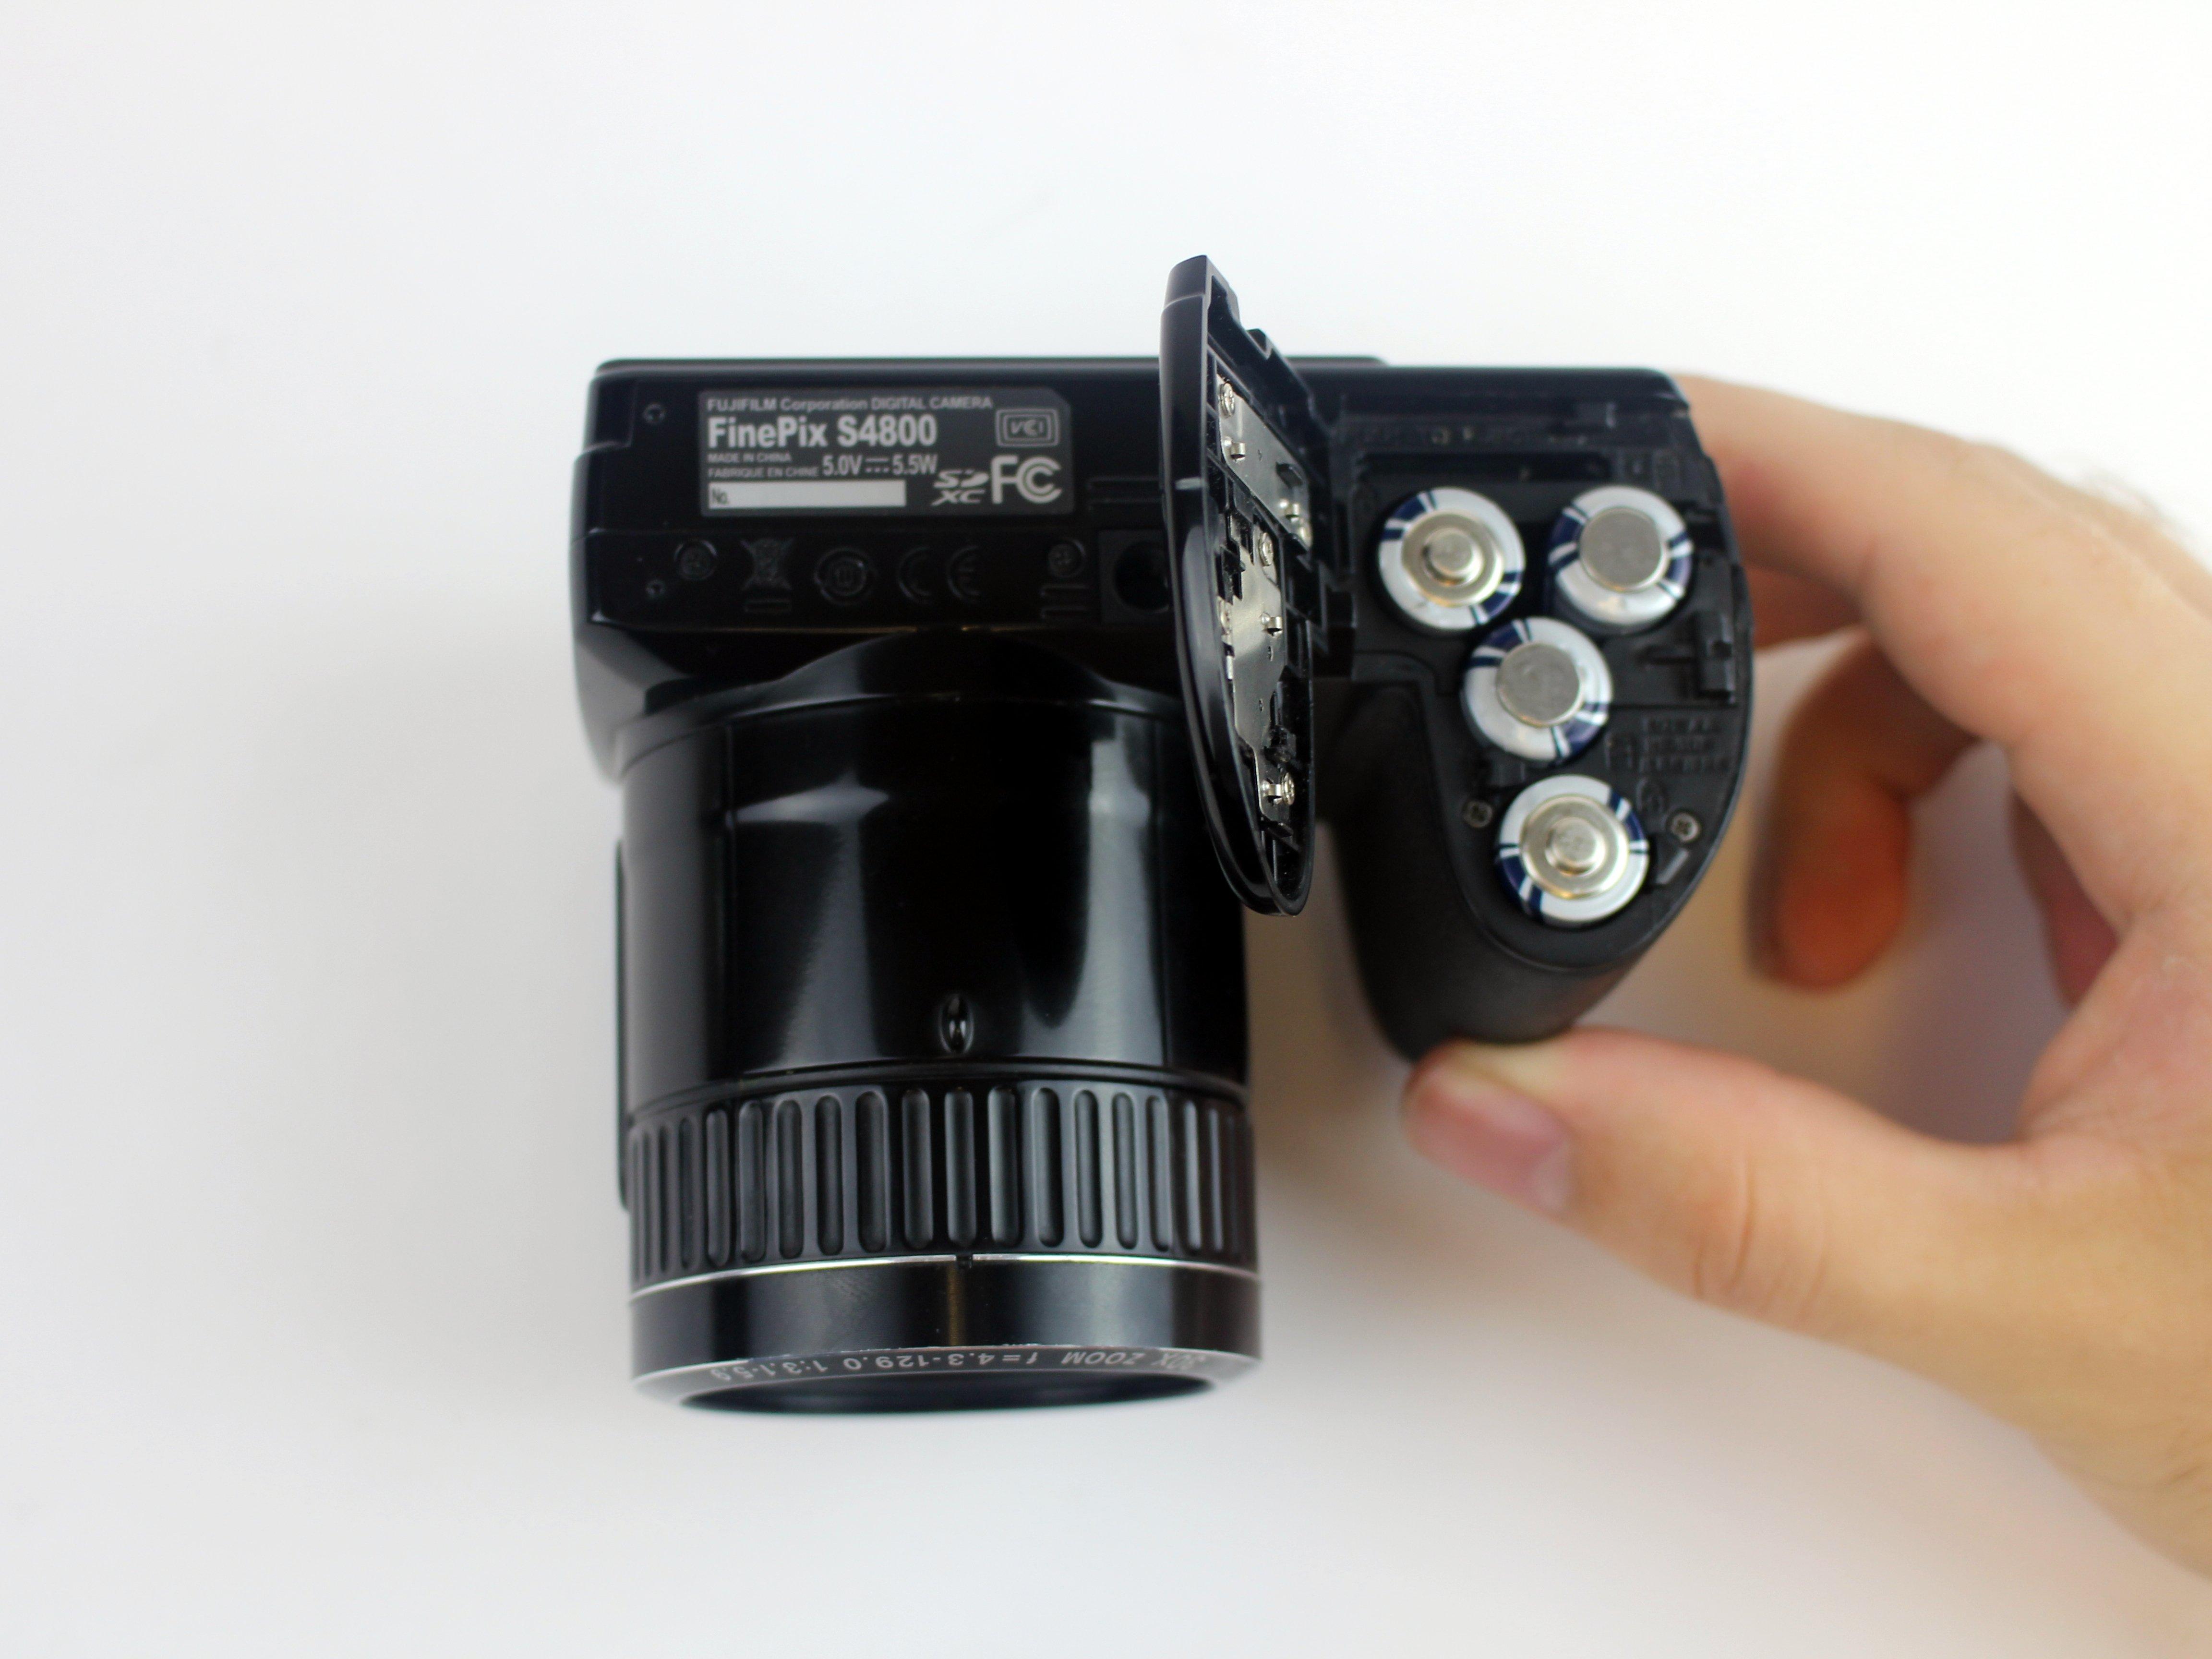 fuji finepix 4800 zoom digital camera service manual